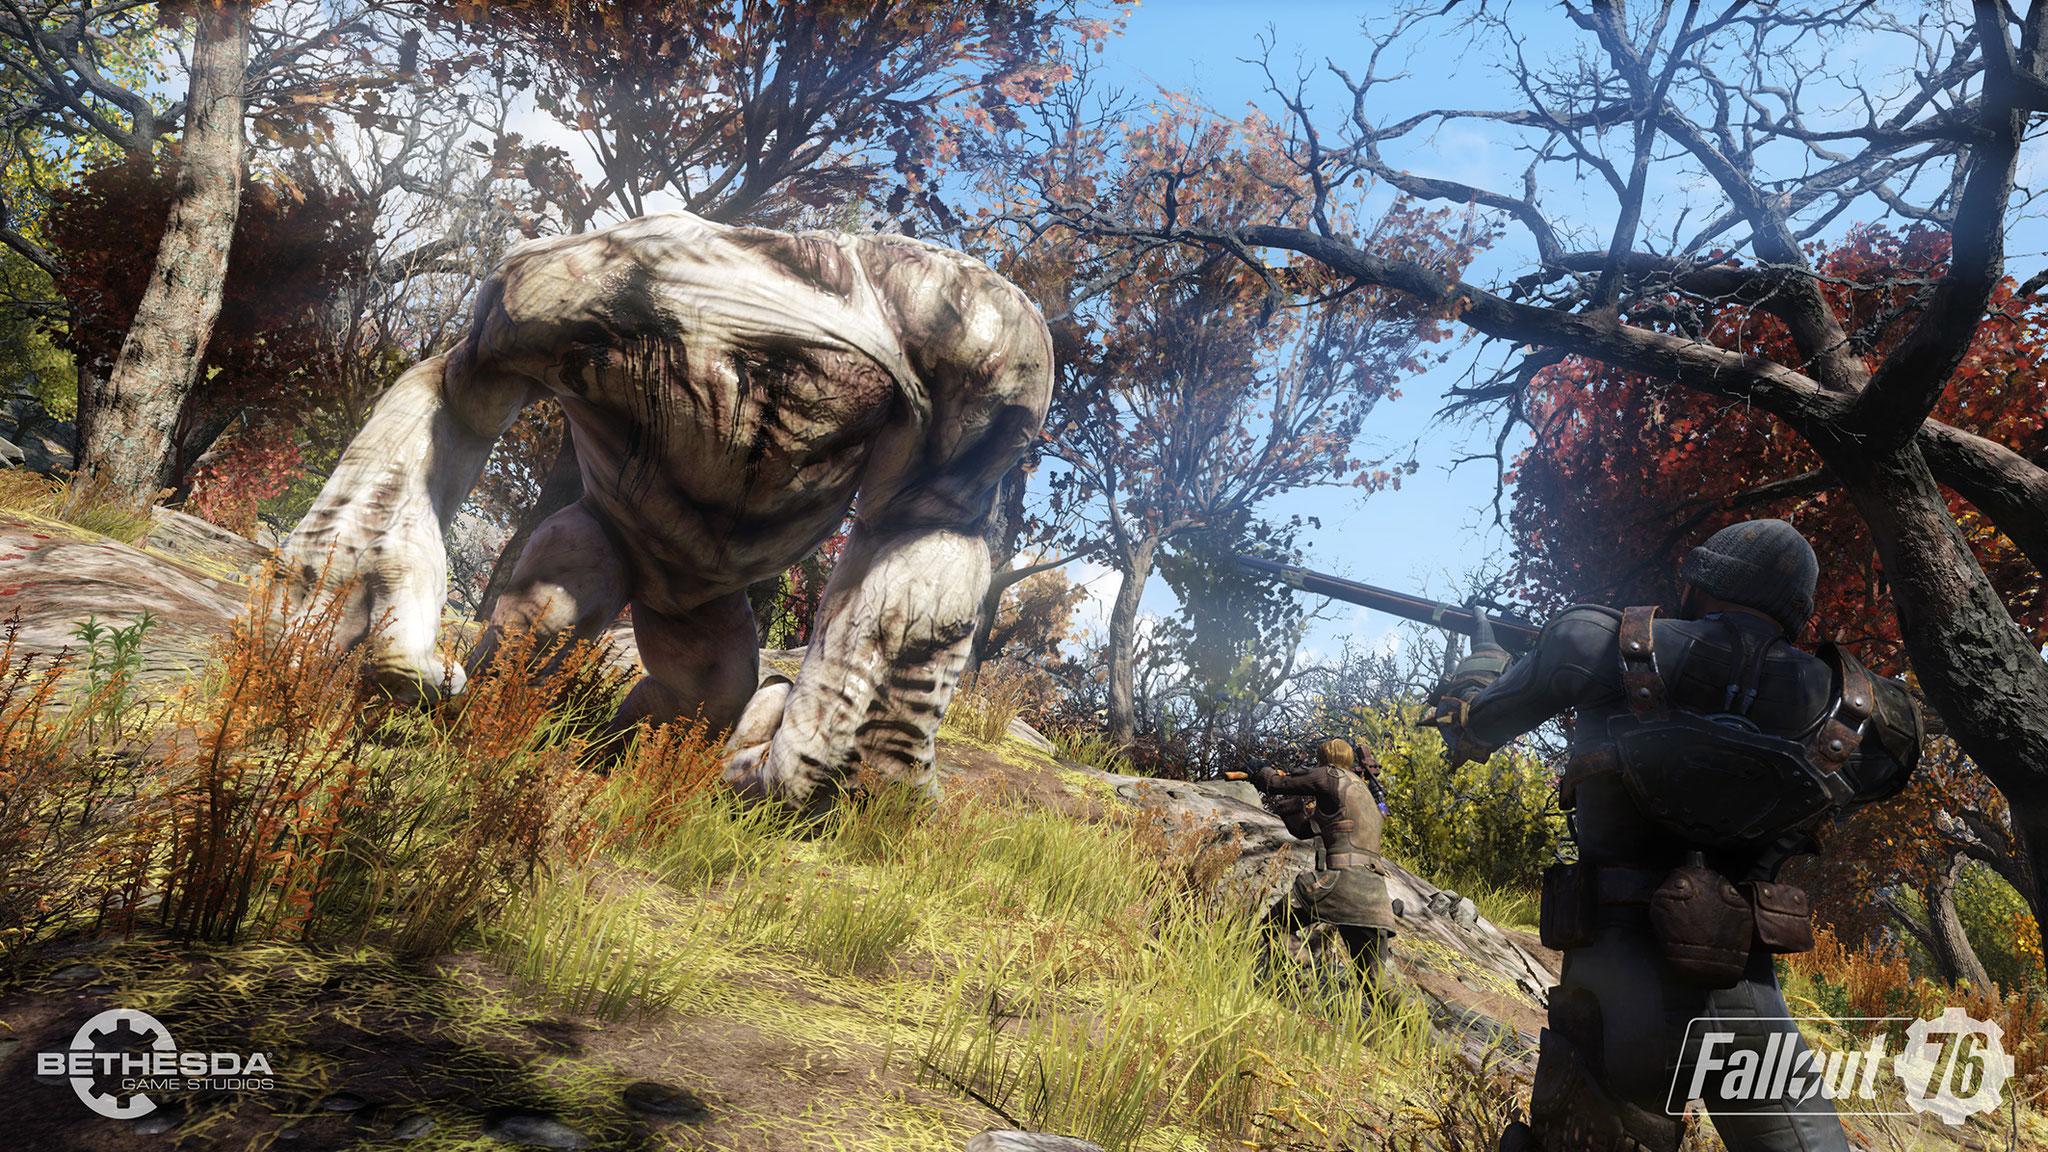 """Die Koop-Kämpfe gegen feindliche Kolosse wie diesen sind der Höhepunkt des Spiels: """"Fallout"""" ist endgültig zum Action-Spiel geworden."""